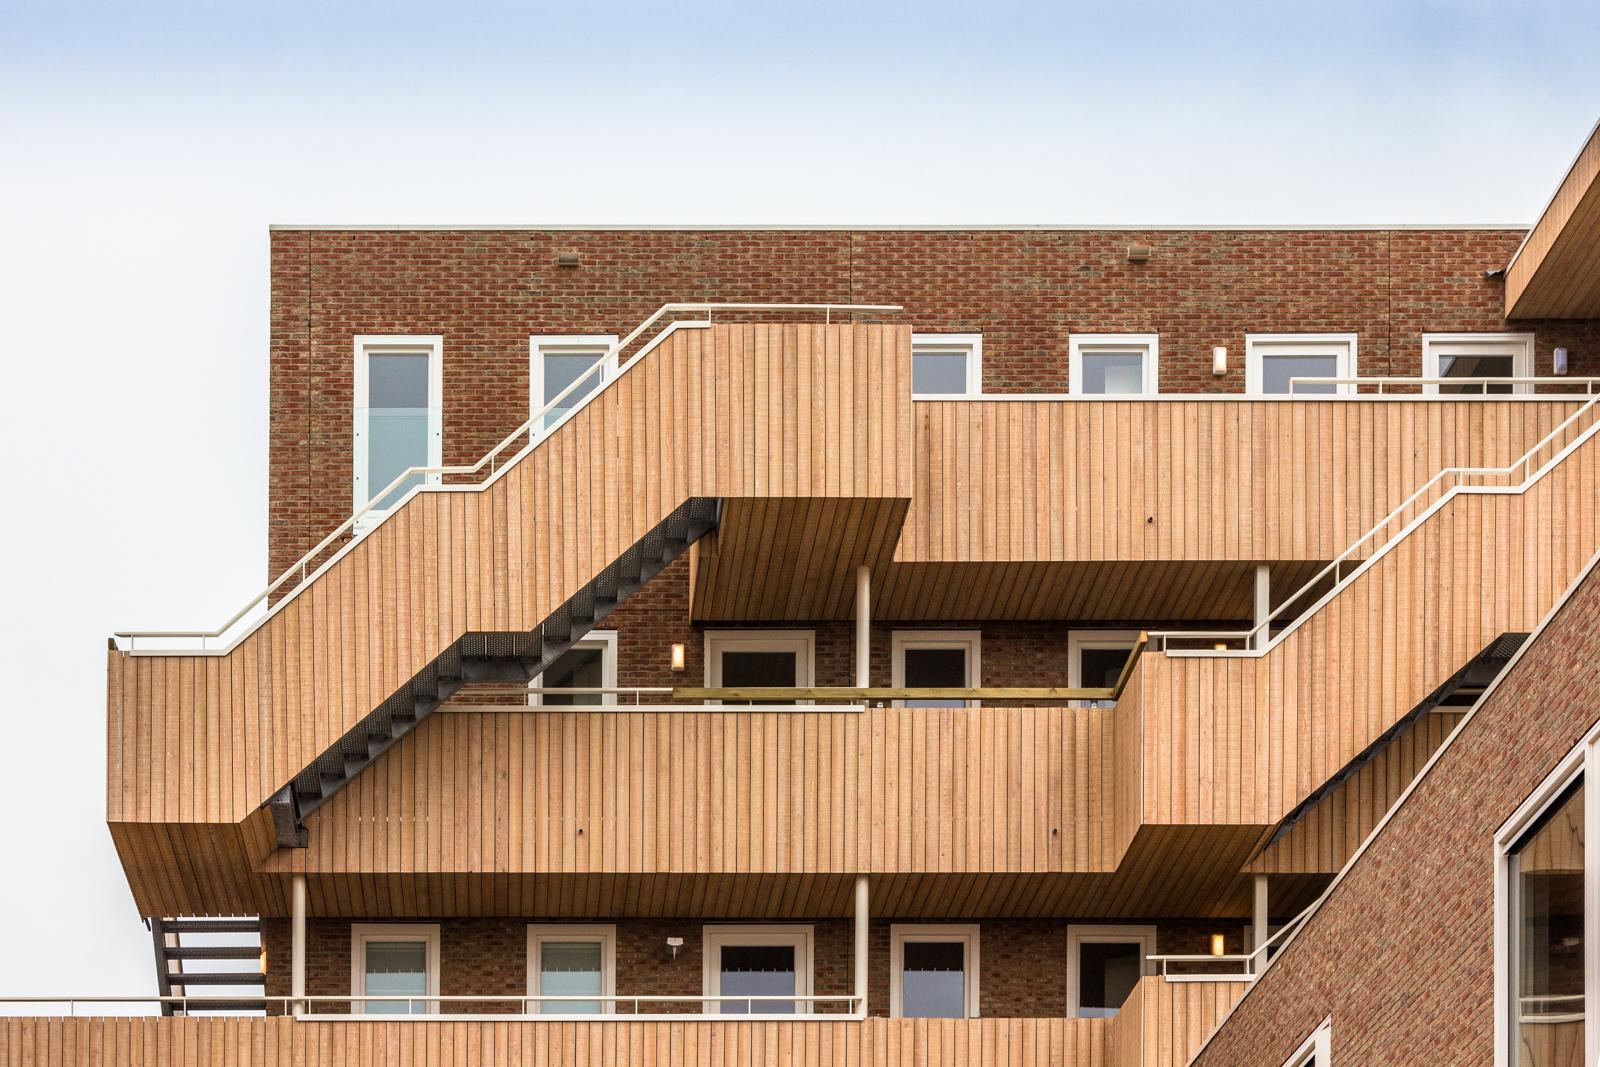 Lunettenhof_Groningen-6665